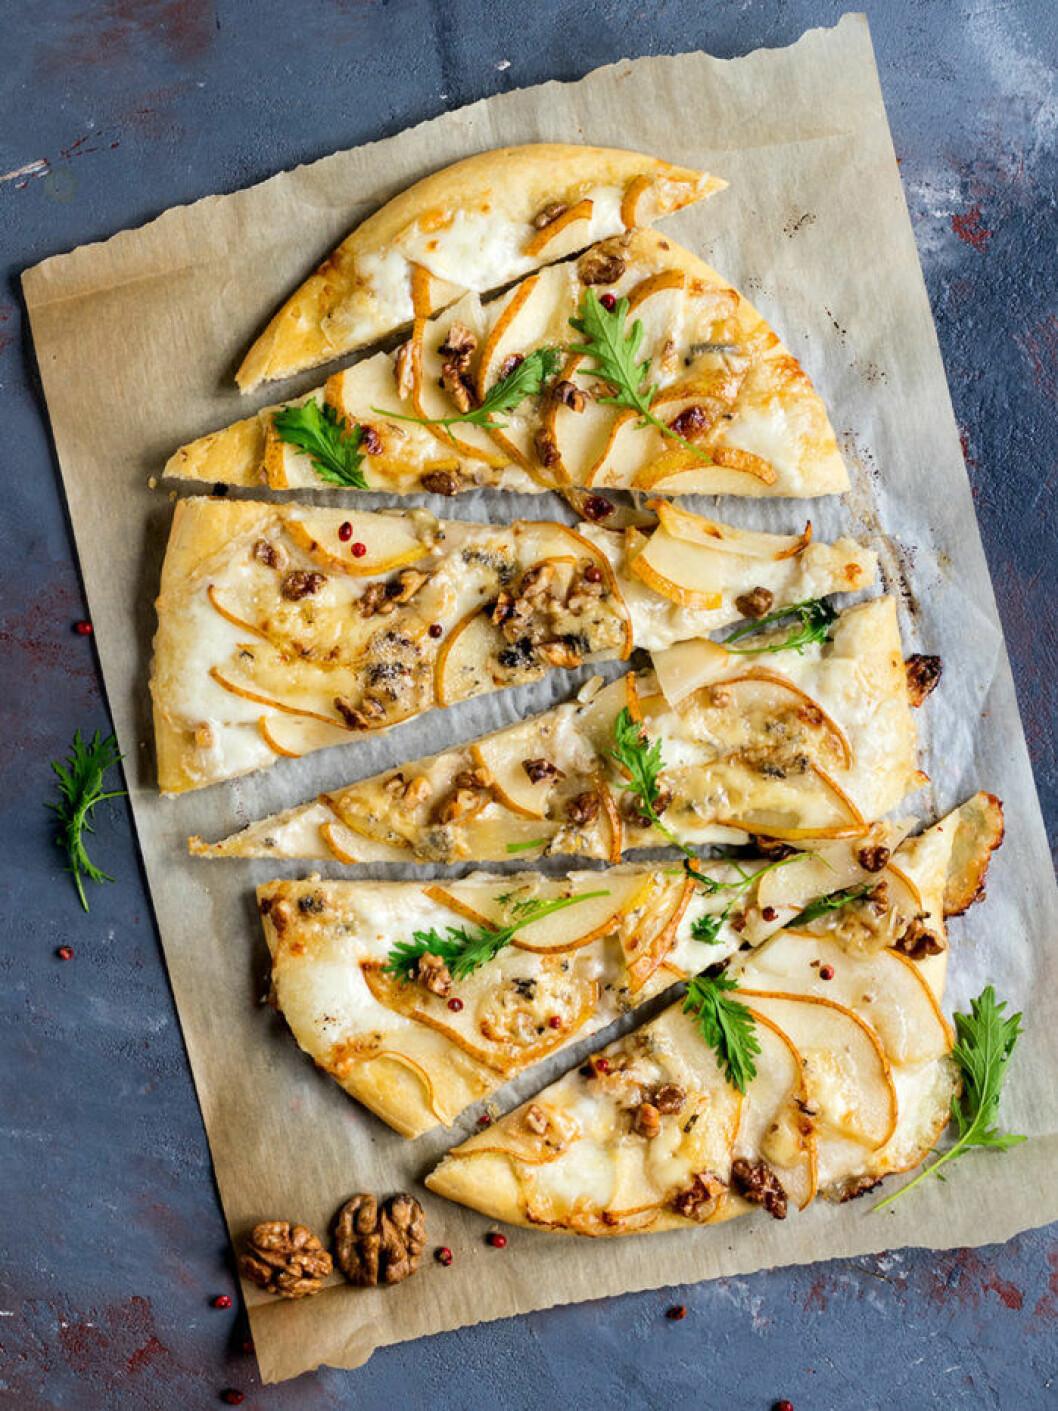 Päron- och gorgonzolapizza med valnötter och rucola.